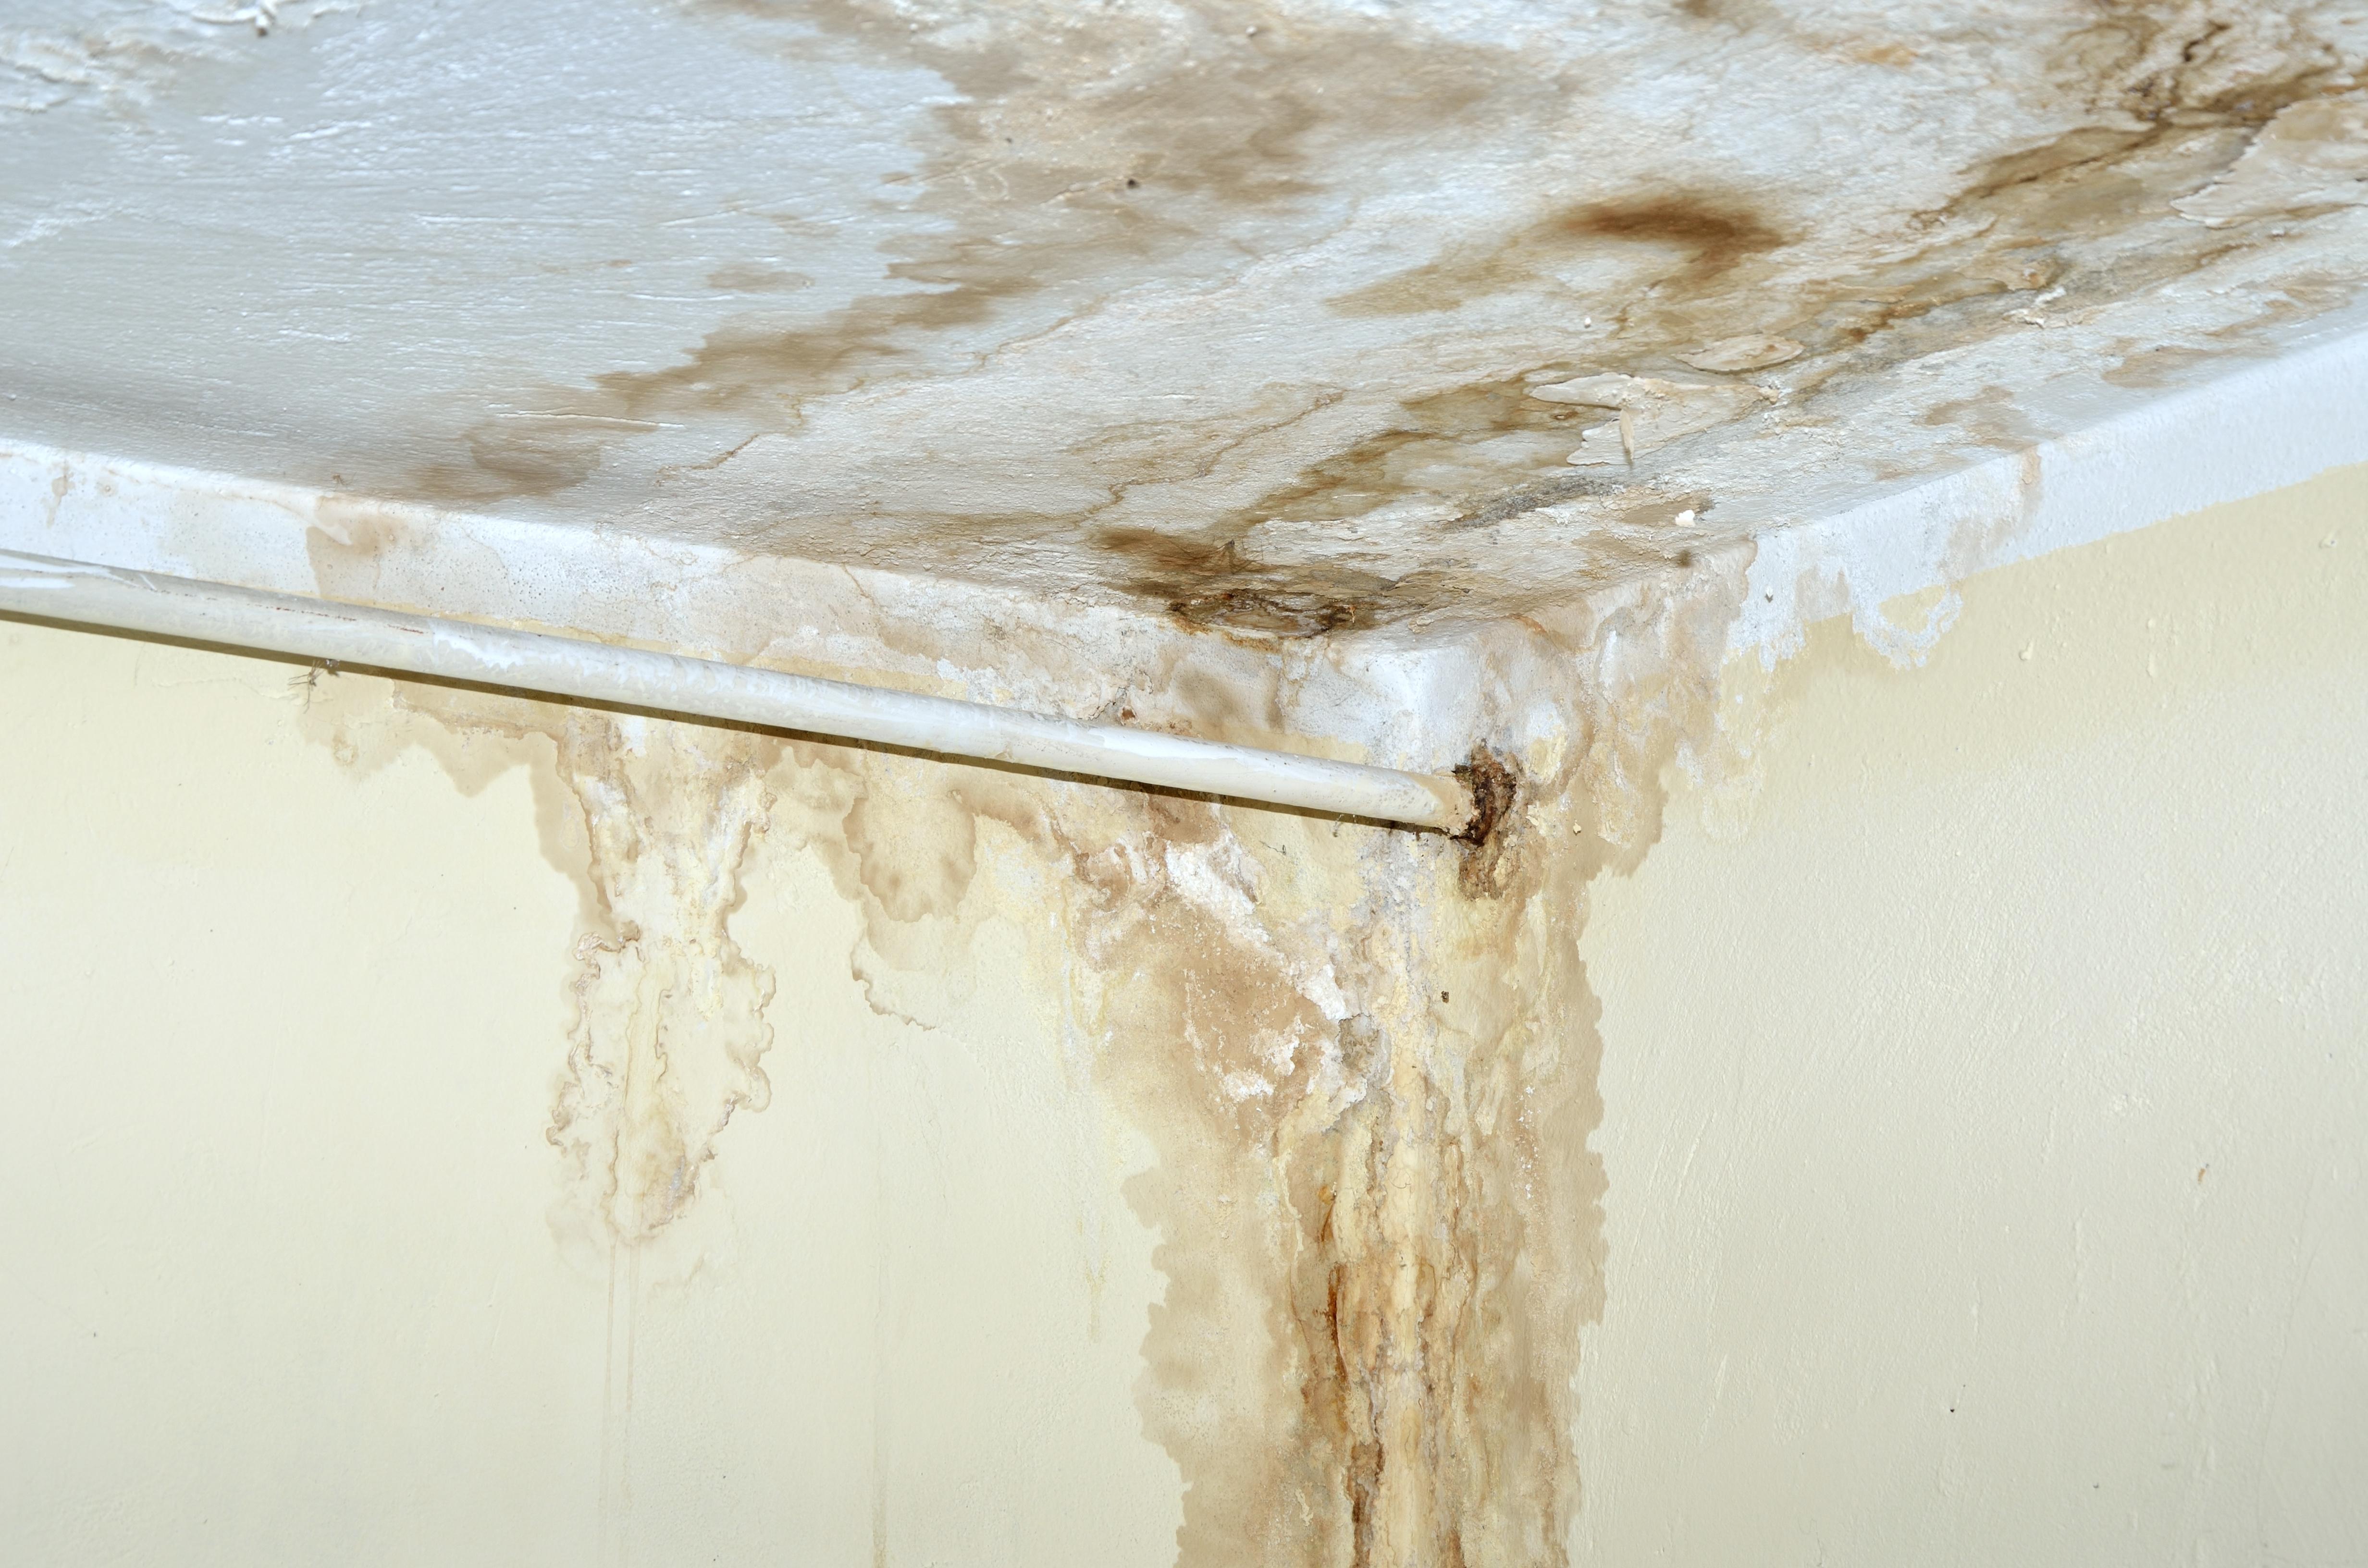 Пятна на потолке после затопления: как вывести желтые следы, способы ремонта для различных типов конструкций